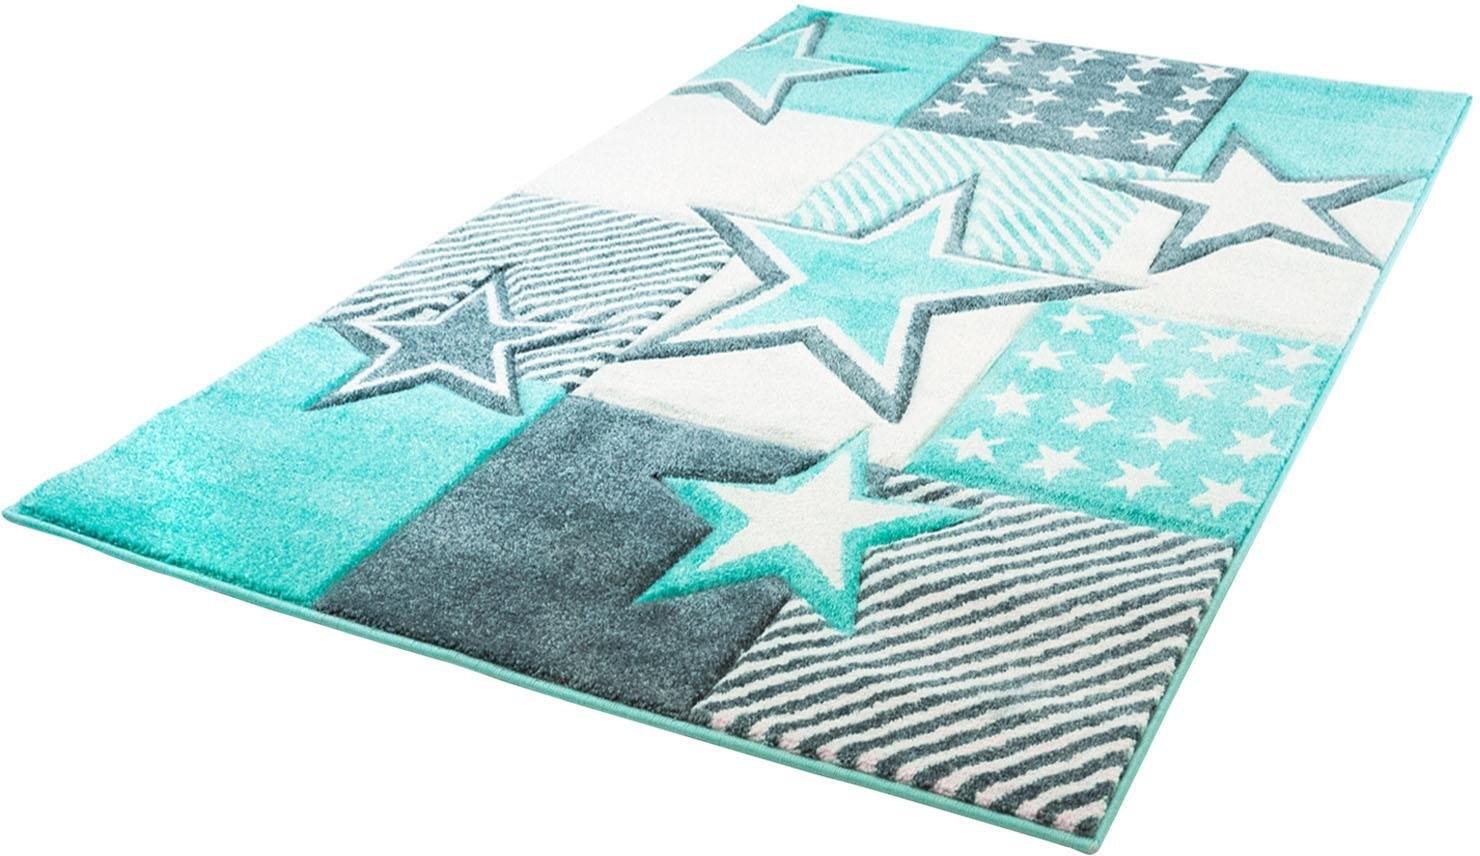 Carpet City vloerkleed voor de kinderkamer Bueno Kids 1451 Sterren, met de hand gesneden reliëfpatroon online kopen op otto.nl